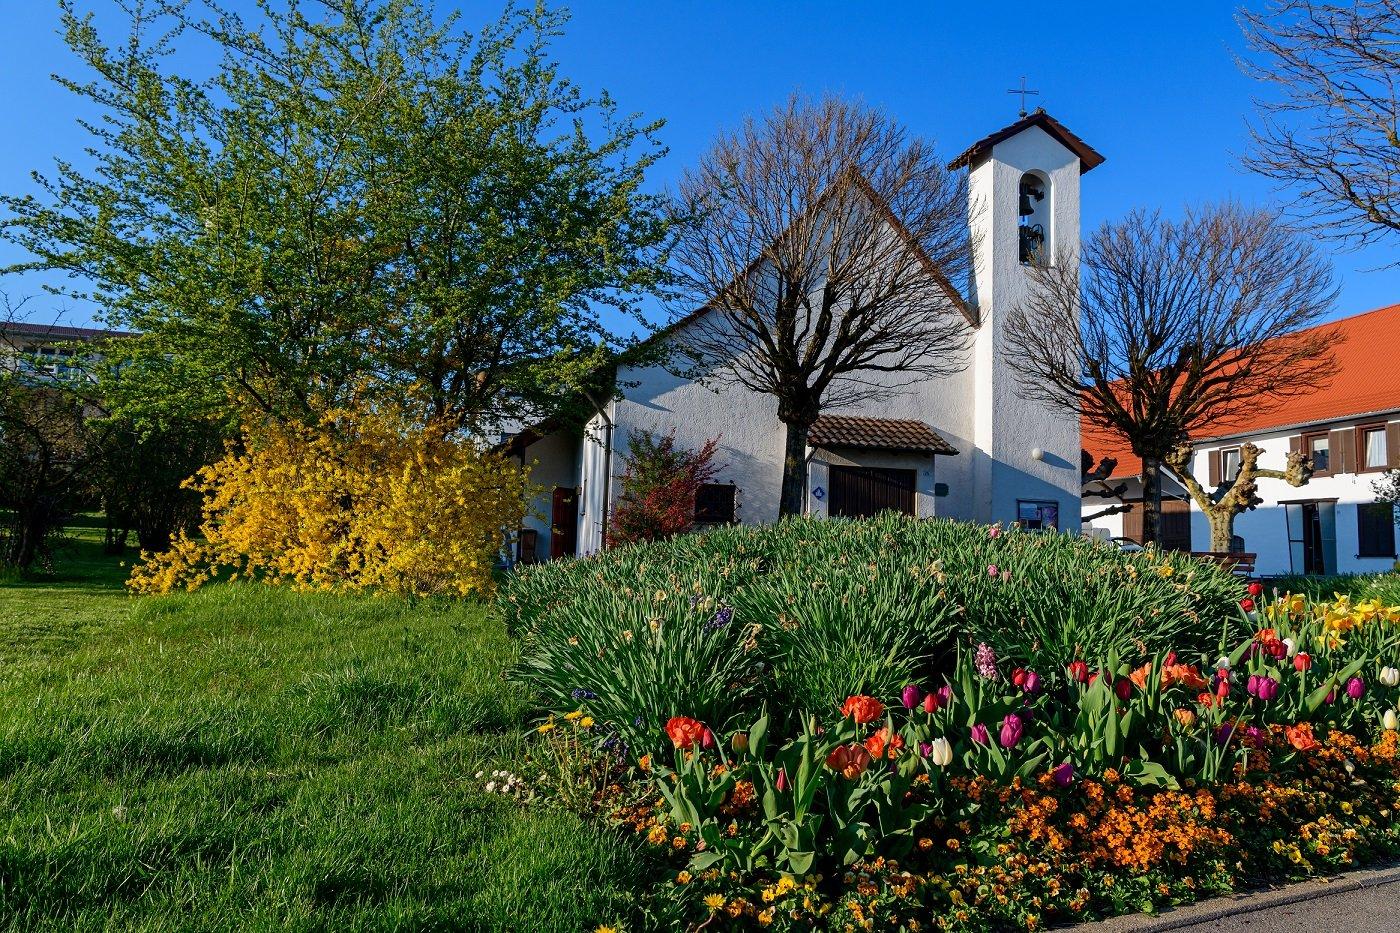 Evangelische Kirche Immenstaad